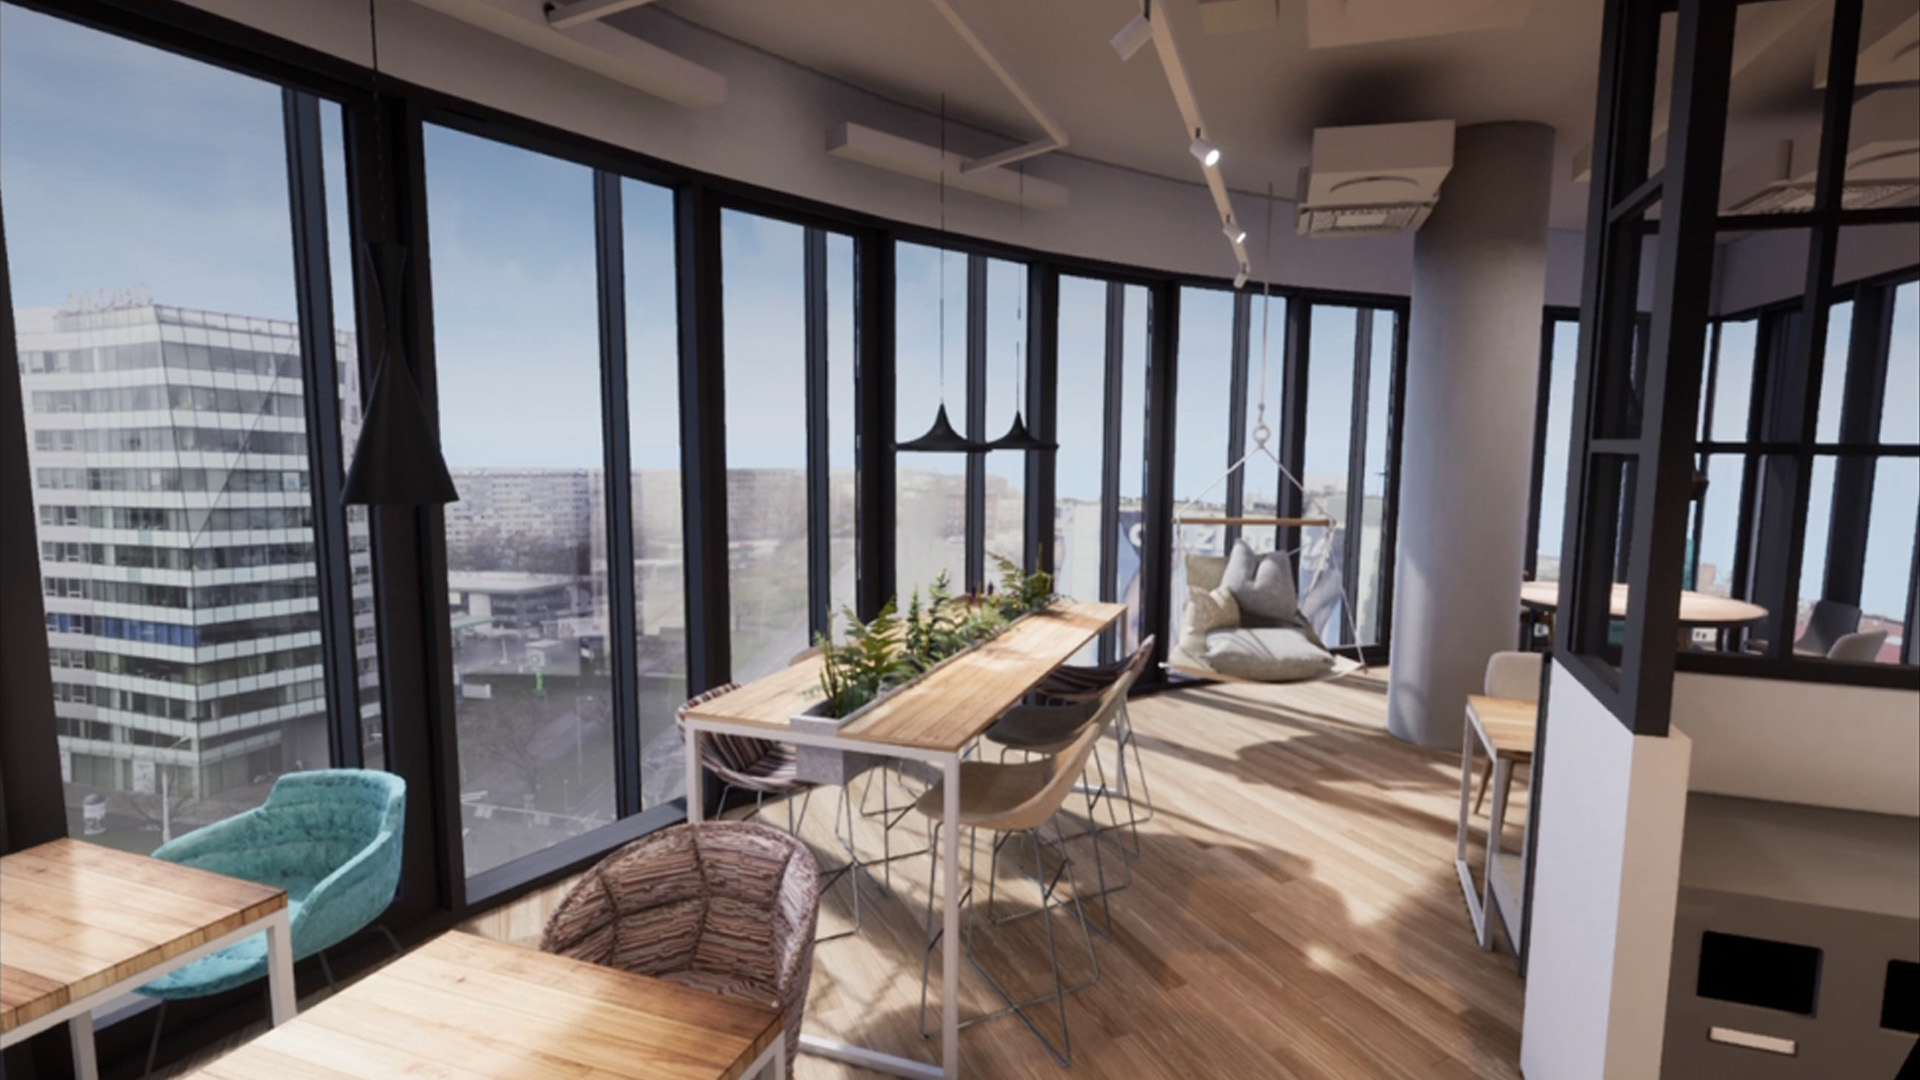 Interaktywne fotorealistyczne wizualizacje dla architektów - ColorDrop Studio - wirtualna rzeczywistość  - wideo sferyczne - aplikacje mobilne - aplikacje PC - wizualizacje Oculus Rift - wizualizacje HTC Vive